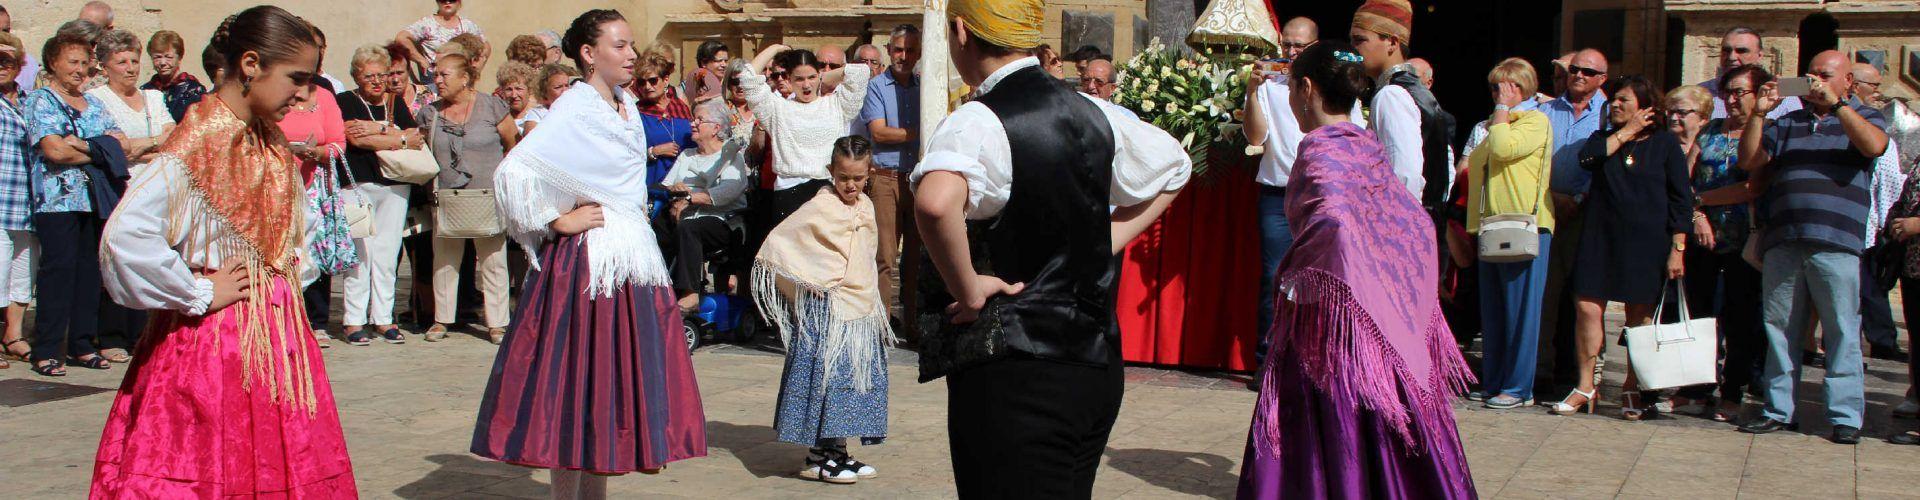 Devoción y baile el día del Pilar en Vinaròs